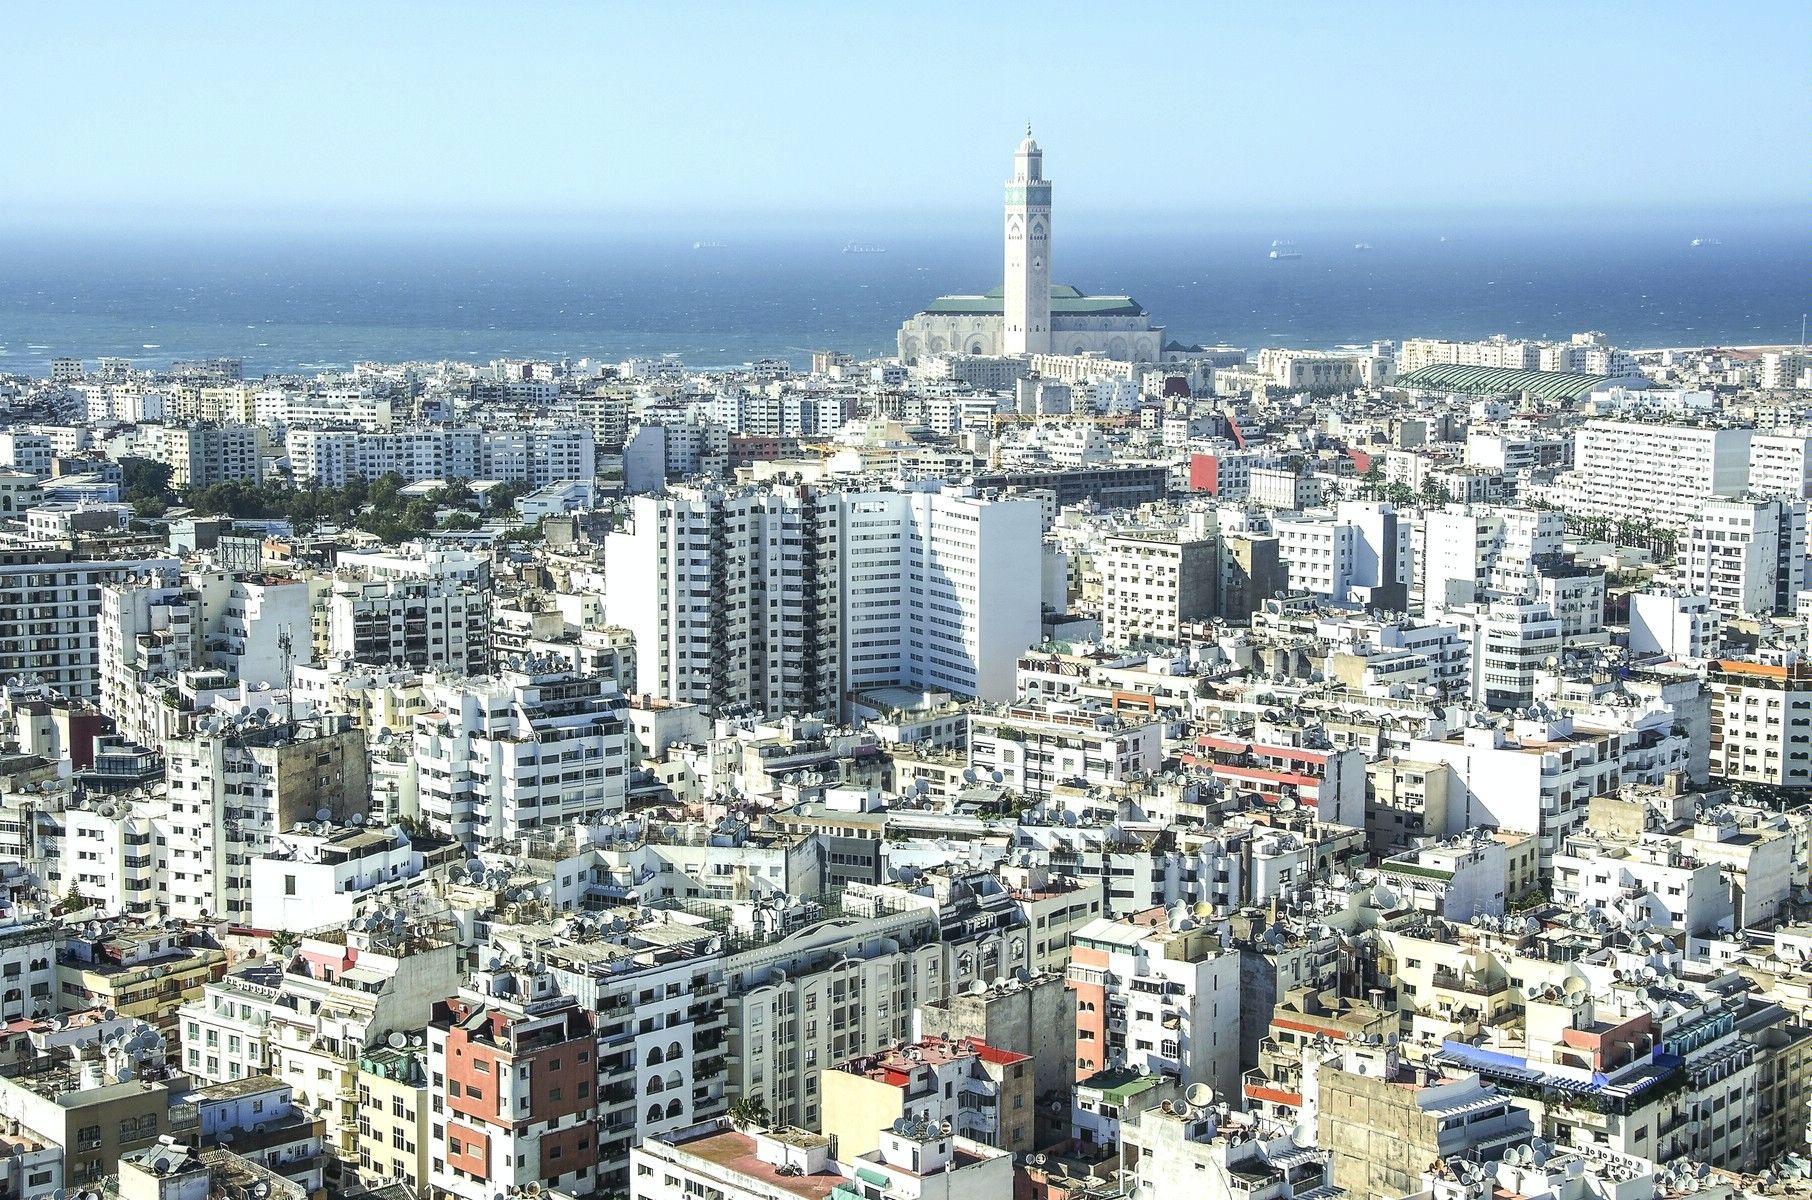 картинка фотография курорта Касабланка в Марокко